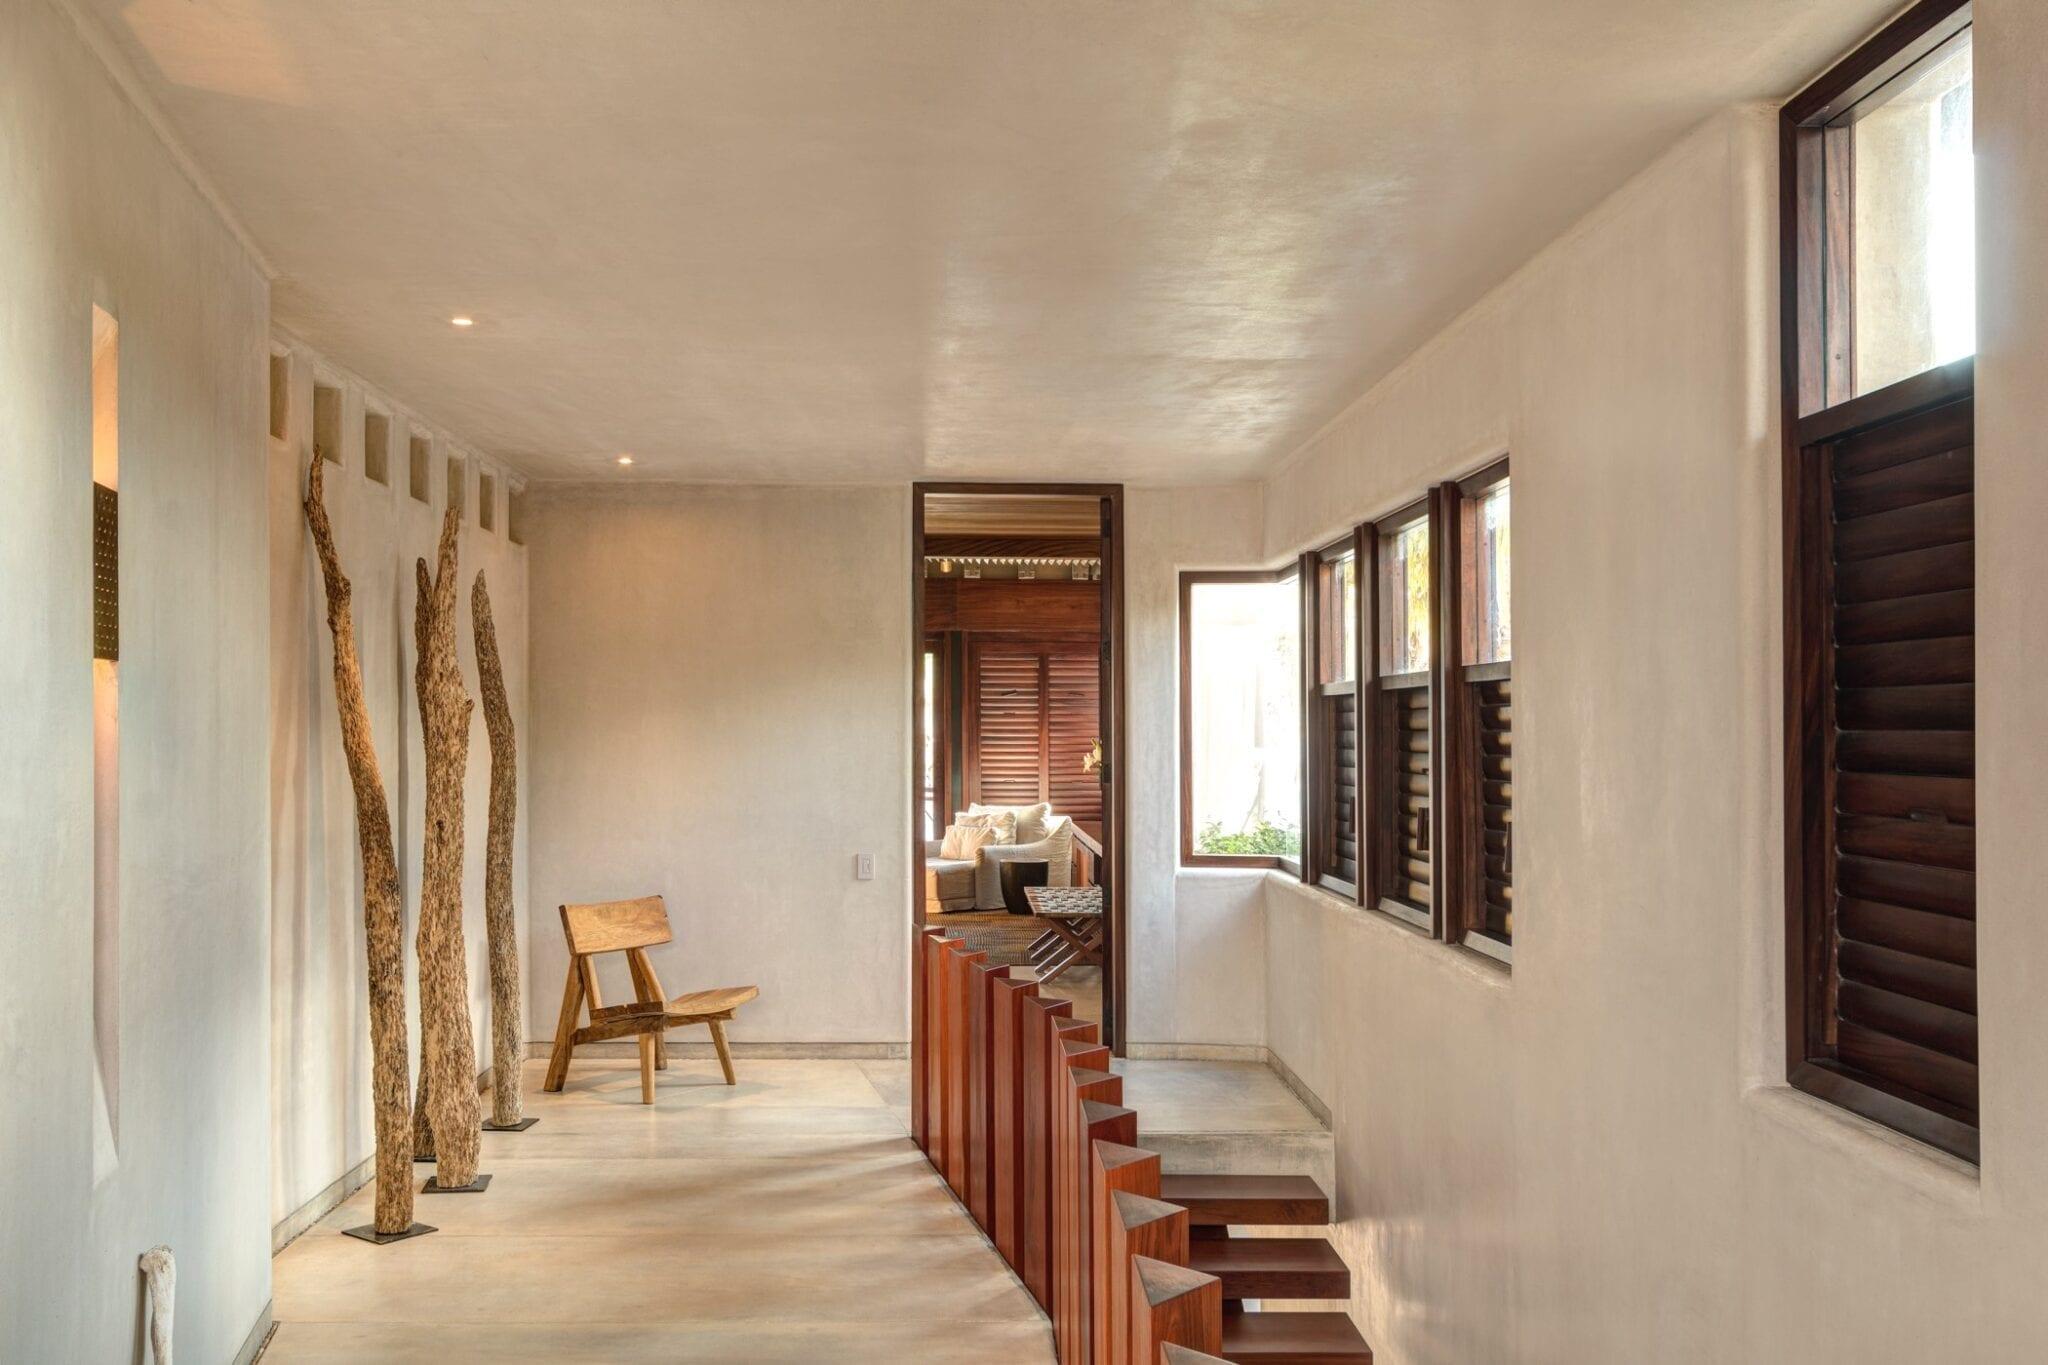 Casa Koko Entrance Hallway Sol Master Suite